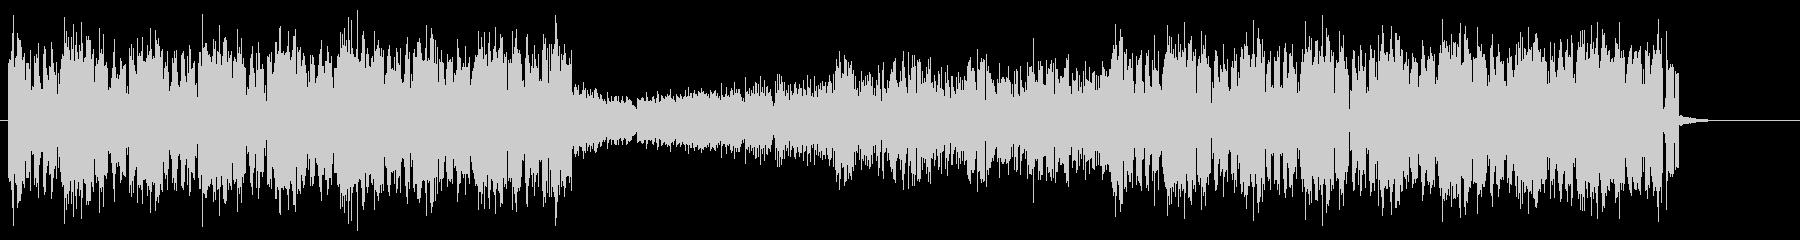 ワブルベースが特徴的なエレクトロハウスの未再生の波形